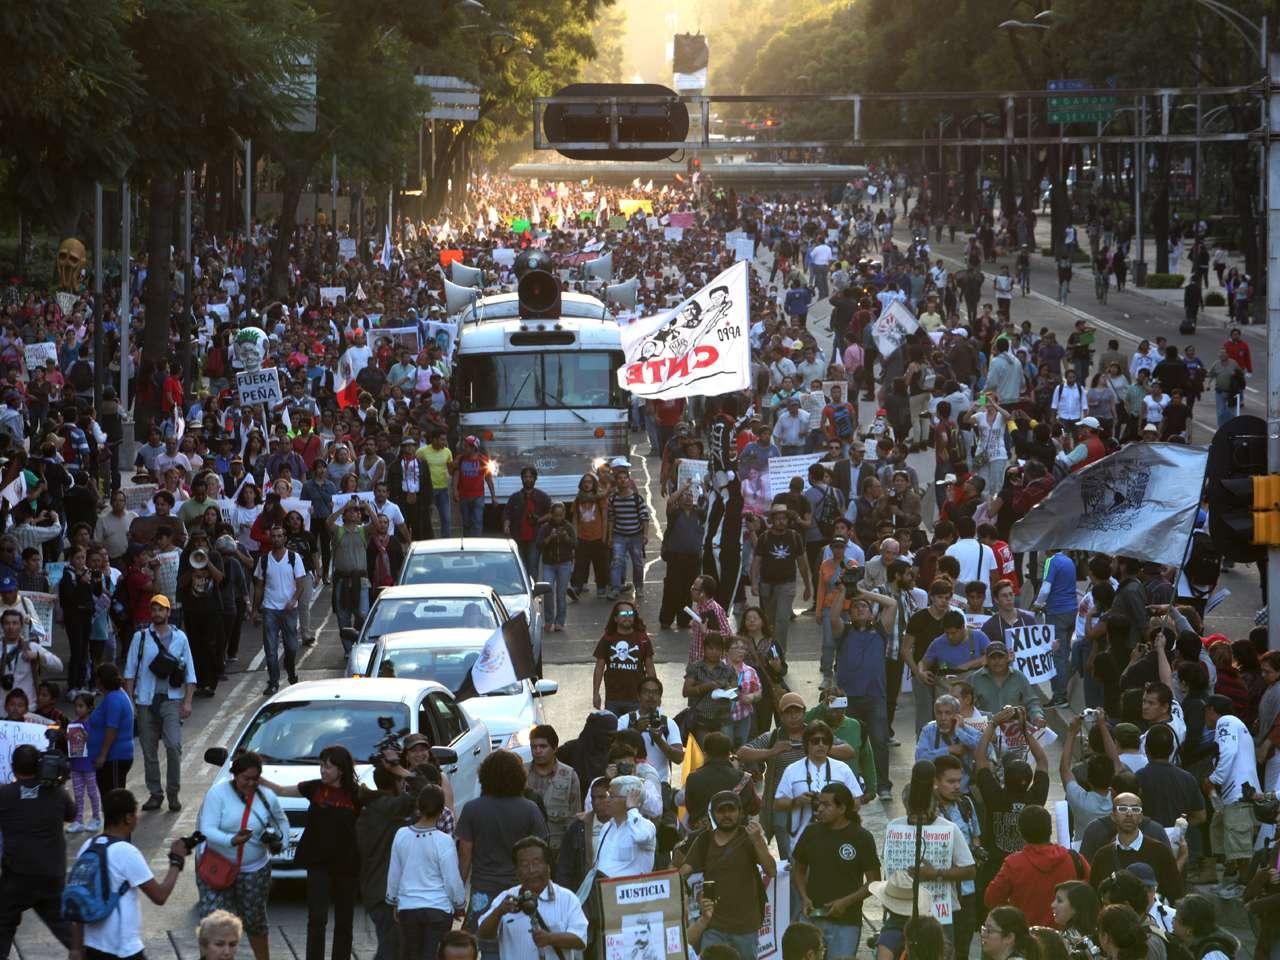 Los 43 nombres de los jóvenes desaparecidos en México hace mes y medio fueron hoy coreados por miles de ciudadanos en marchas organizadas para exigir su aparición con vida, mientras los presuntos autores intelectuales de la noche violenta del 26 de septiembre siguen declarando ante la Fiscalía. Foto: Terra